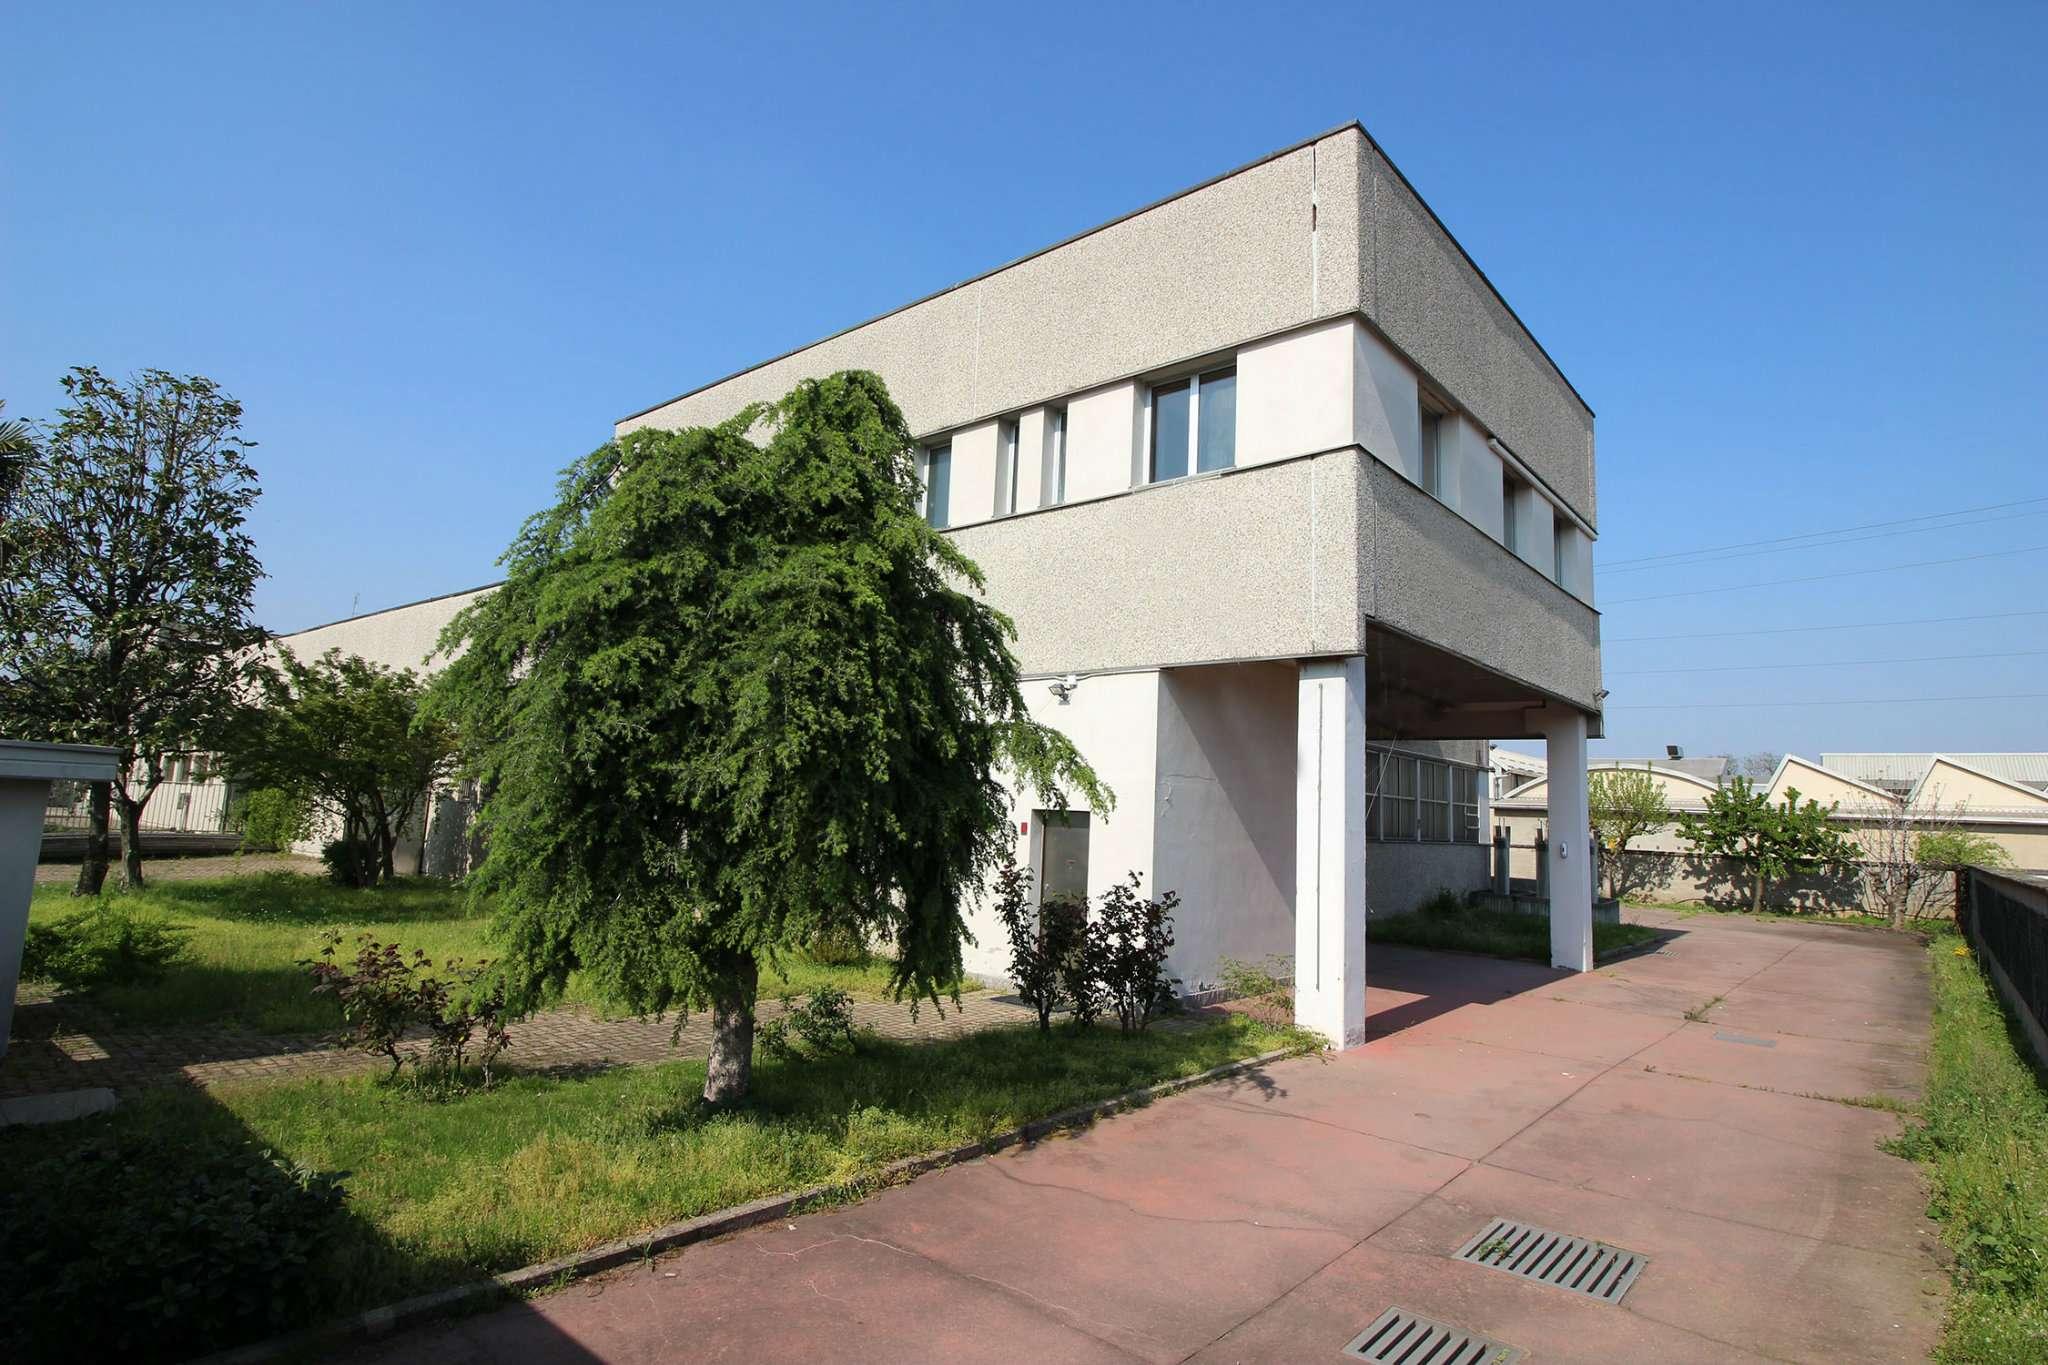 Capannone in vendita a Cornaredo, 6 locali, prezzo € 560.000 | PortaleAgenzieImmobiliari.it